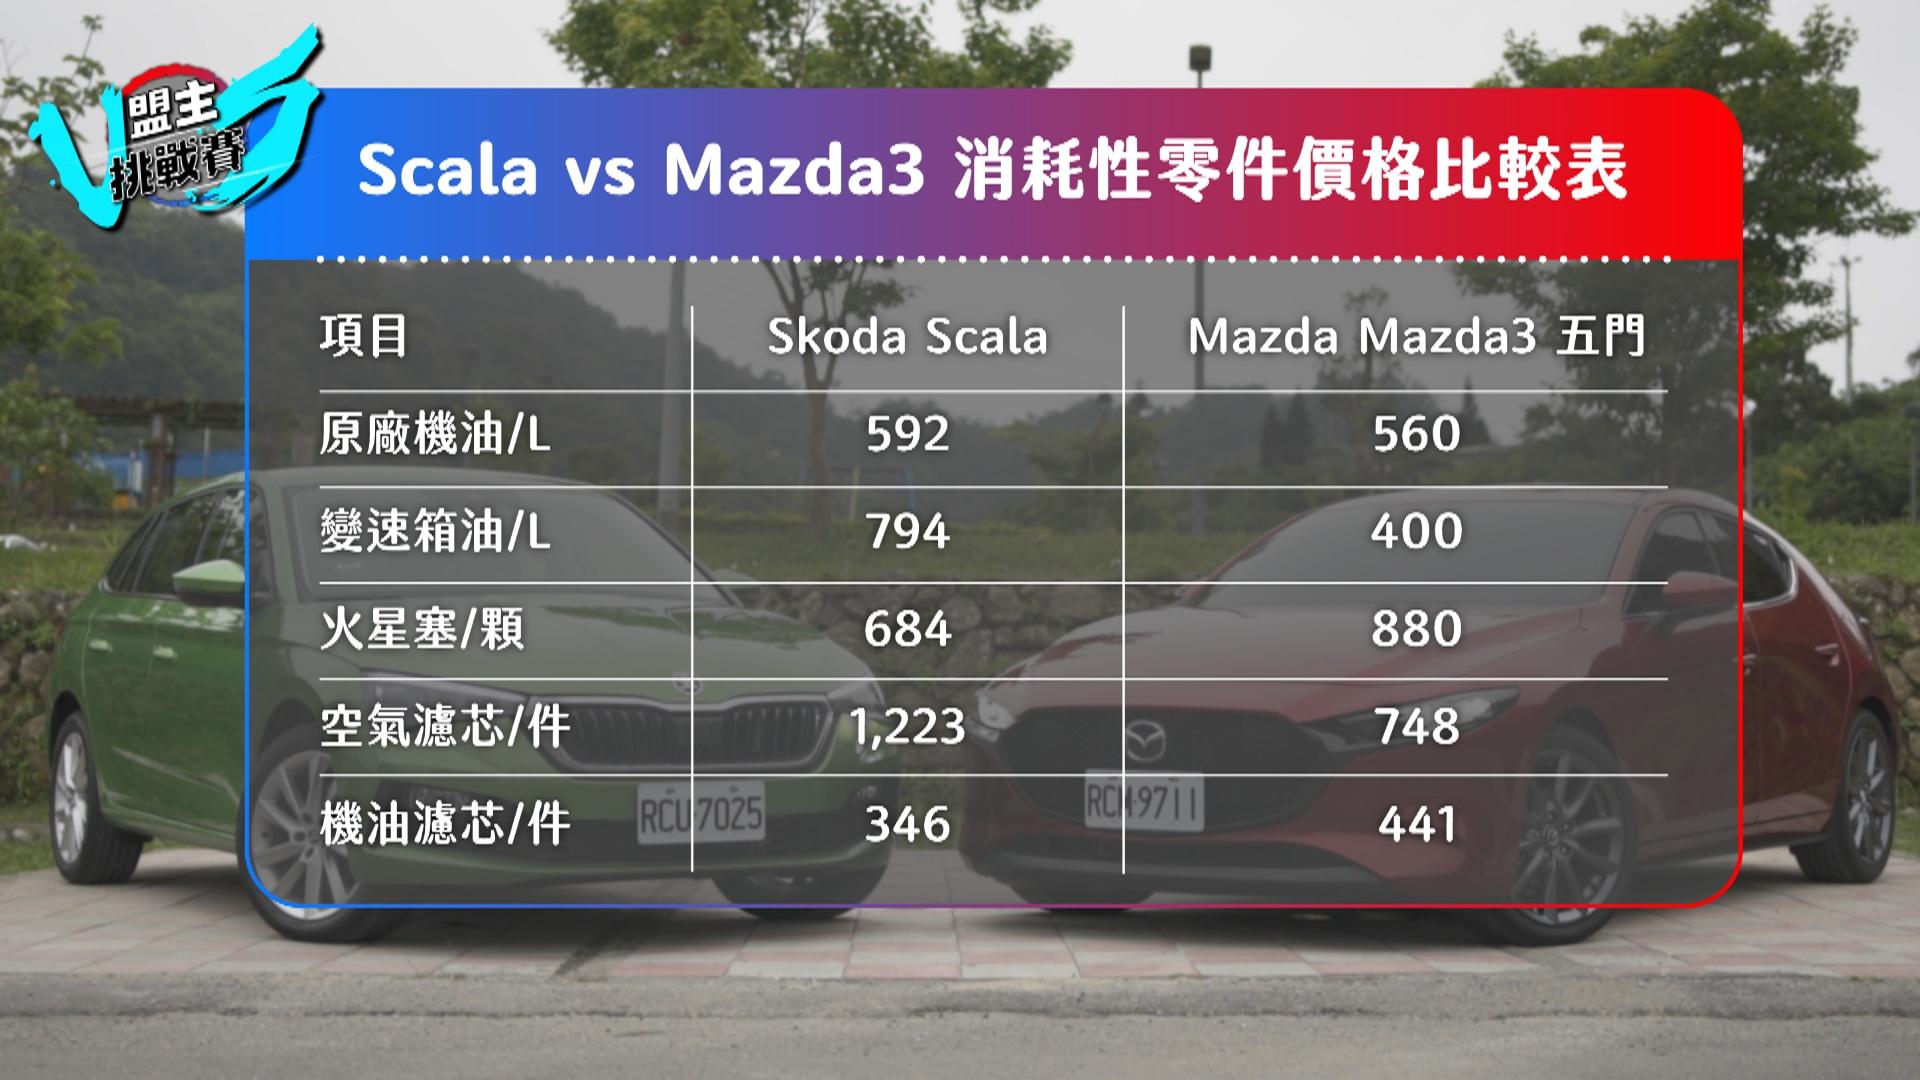 兩車的消耗性零件相較,可以發現差異不大。